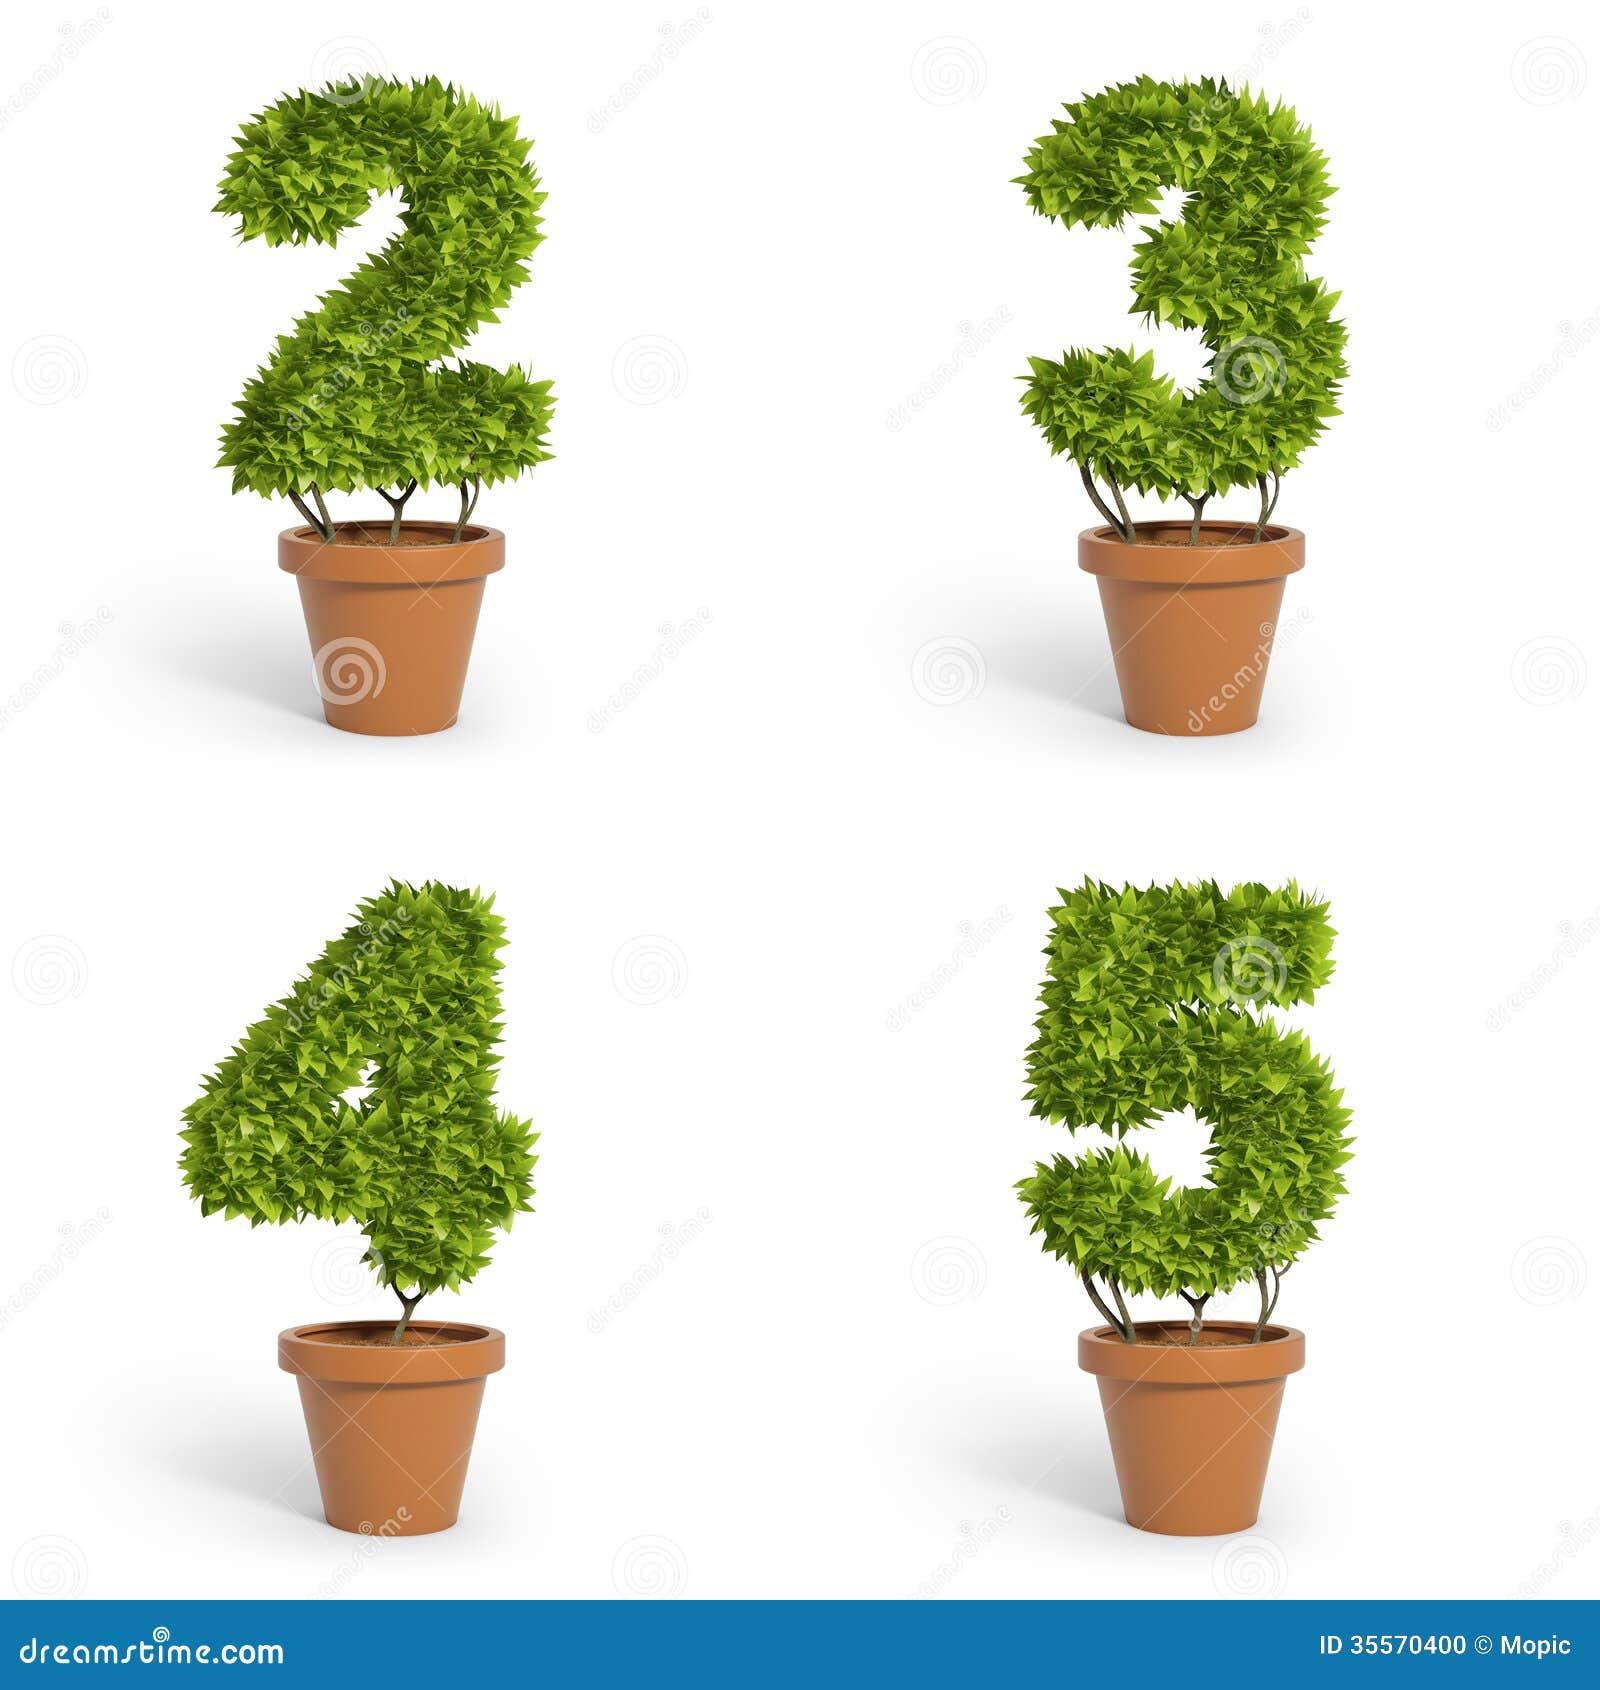 3d Font Pot Plants Stock Photo Image 35570400